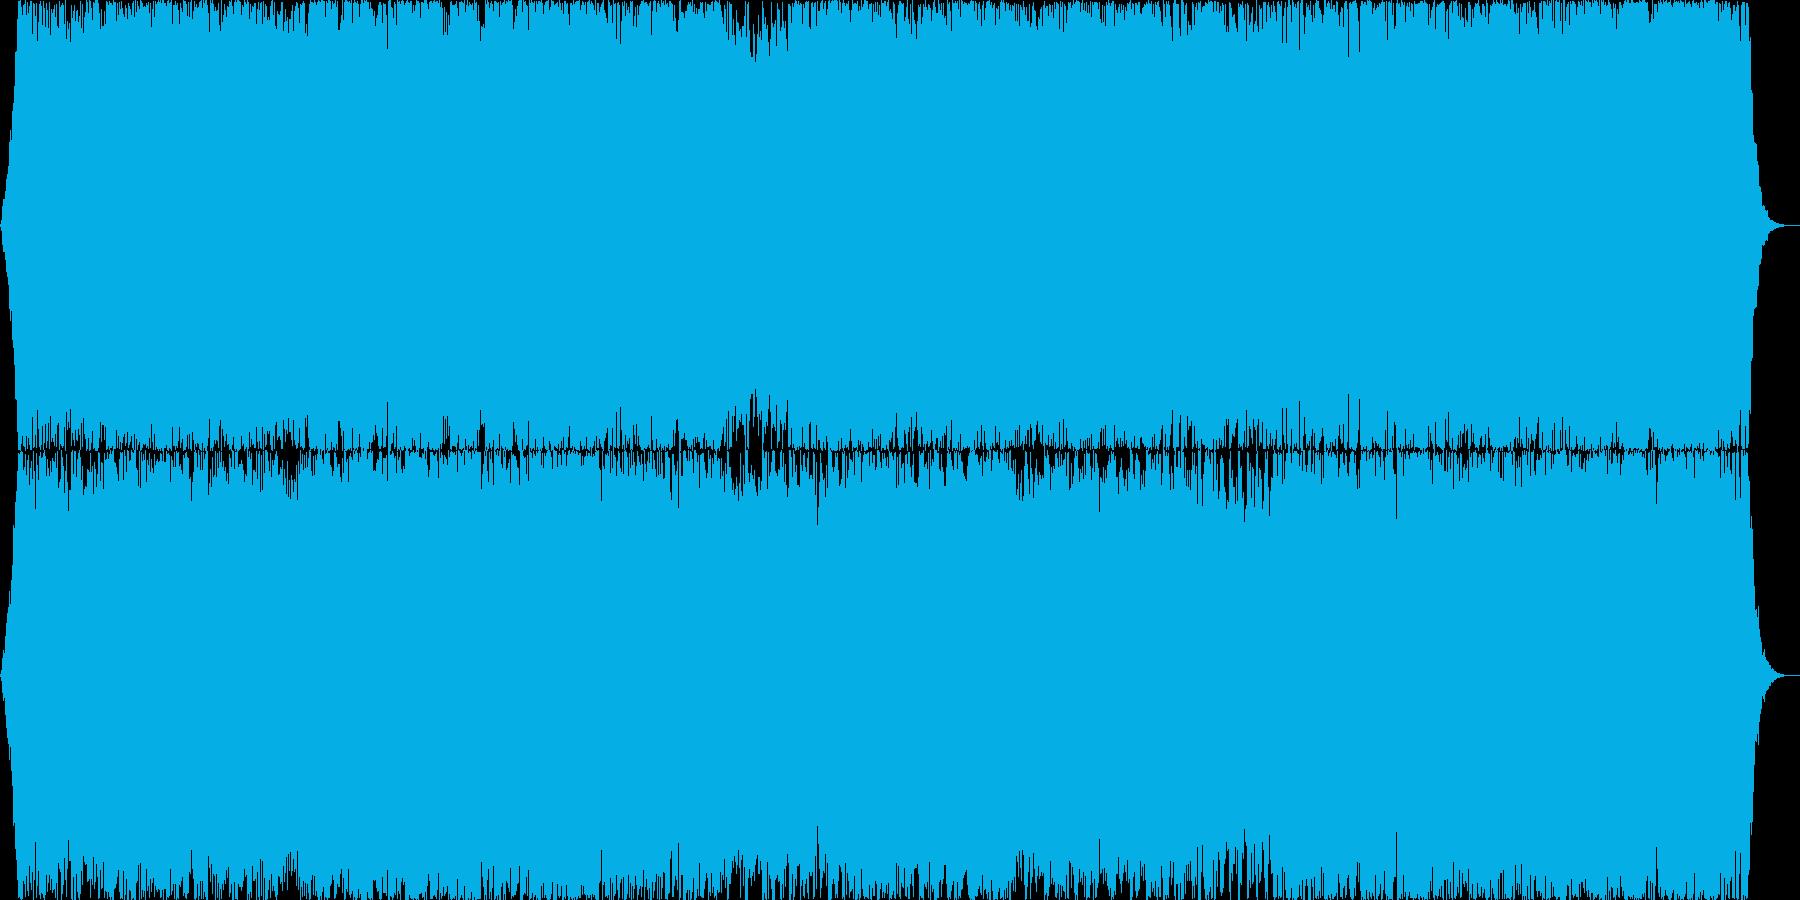 ダークファンタジーオーケストラ戦闘曲43の再生済みの波形